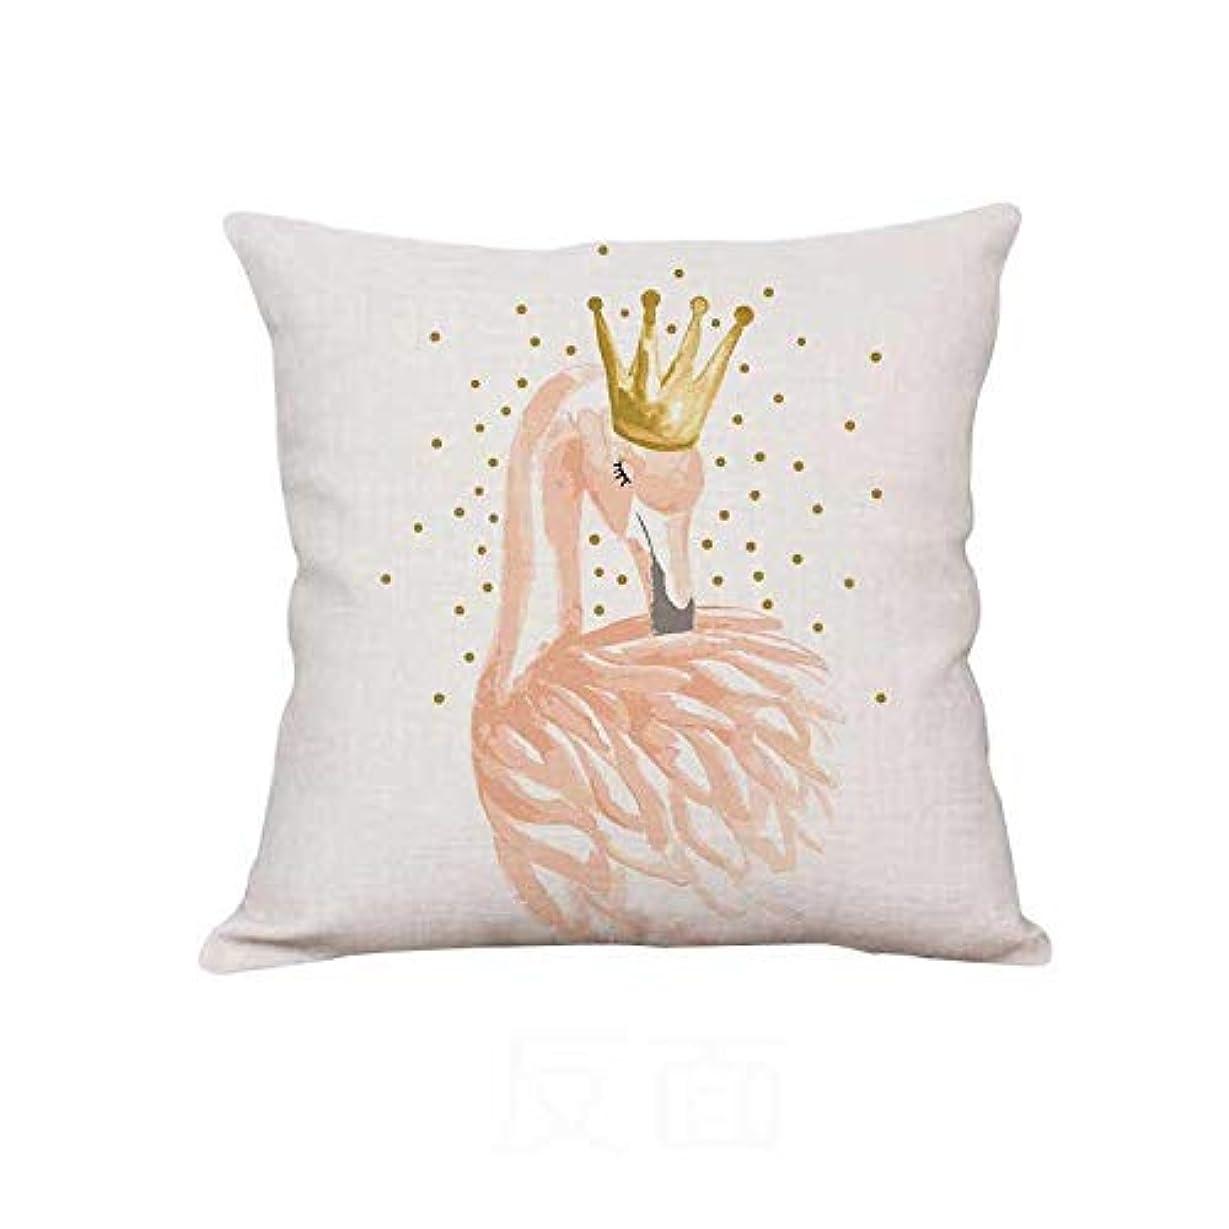 処方規模浸したLIFE 新しいぬいぐるみピンクフラミンゴクッションガチョウの羽風船幾何北欧家の装飾ソファスロー枕用女の子ルーム装飾 クッション 椅子